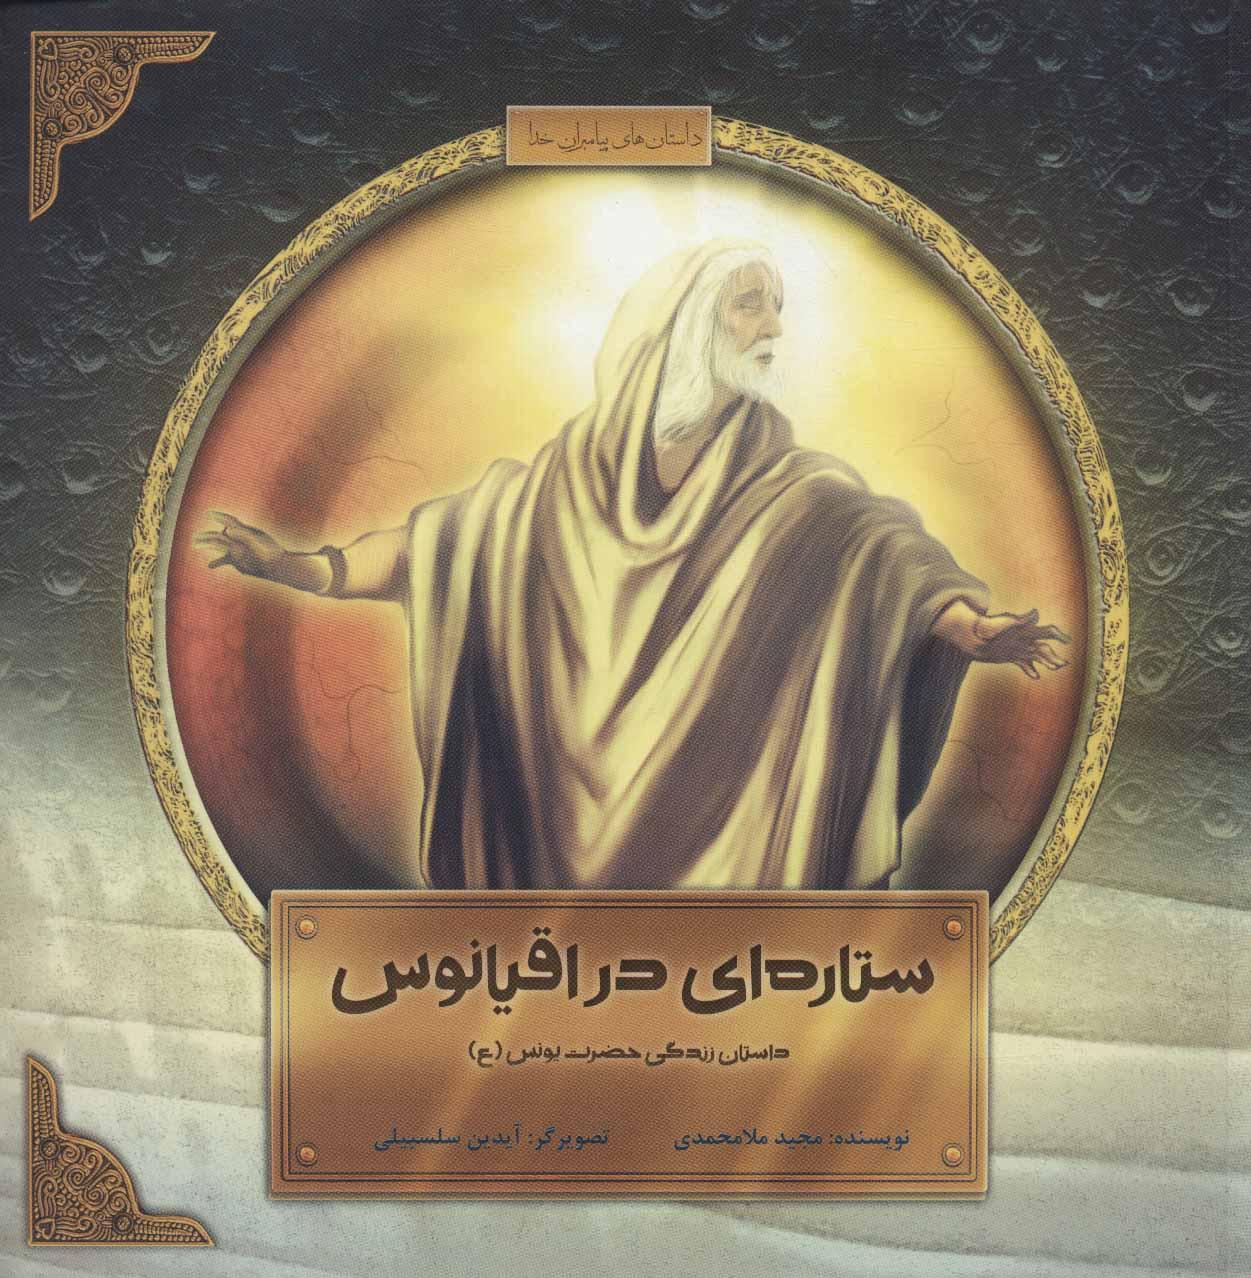 کتاب ستارهای در اقیانوس: داستان زندگی حضرت یونس (علیه السلام)